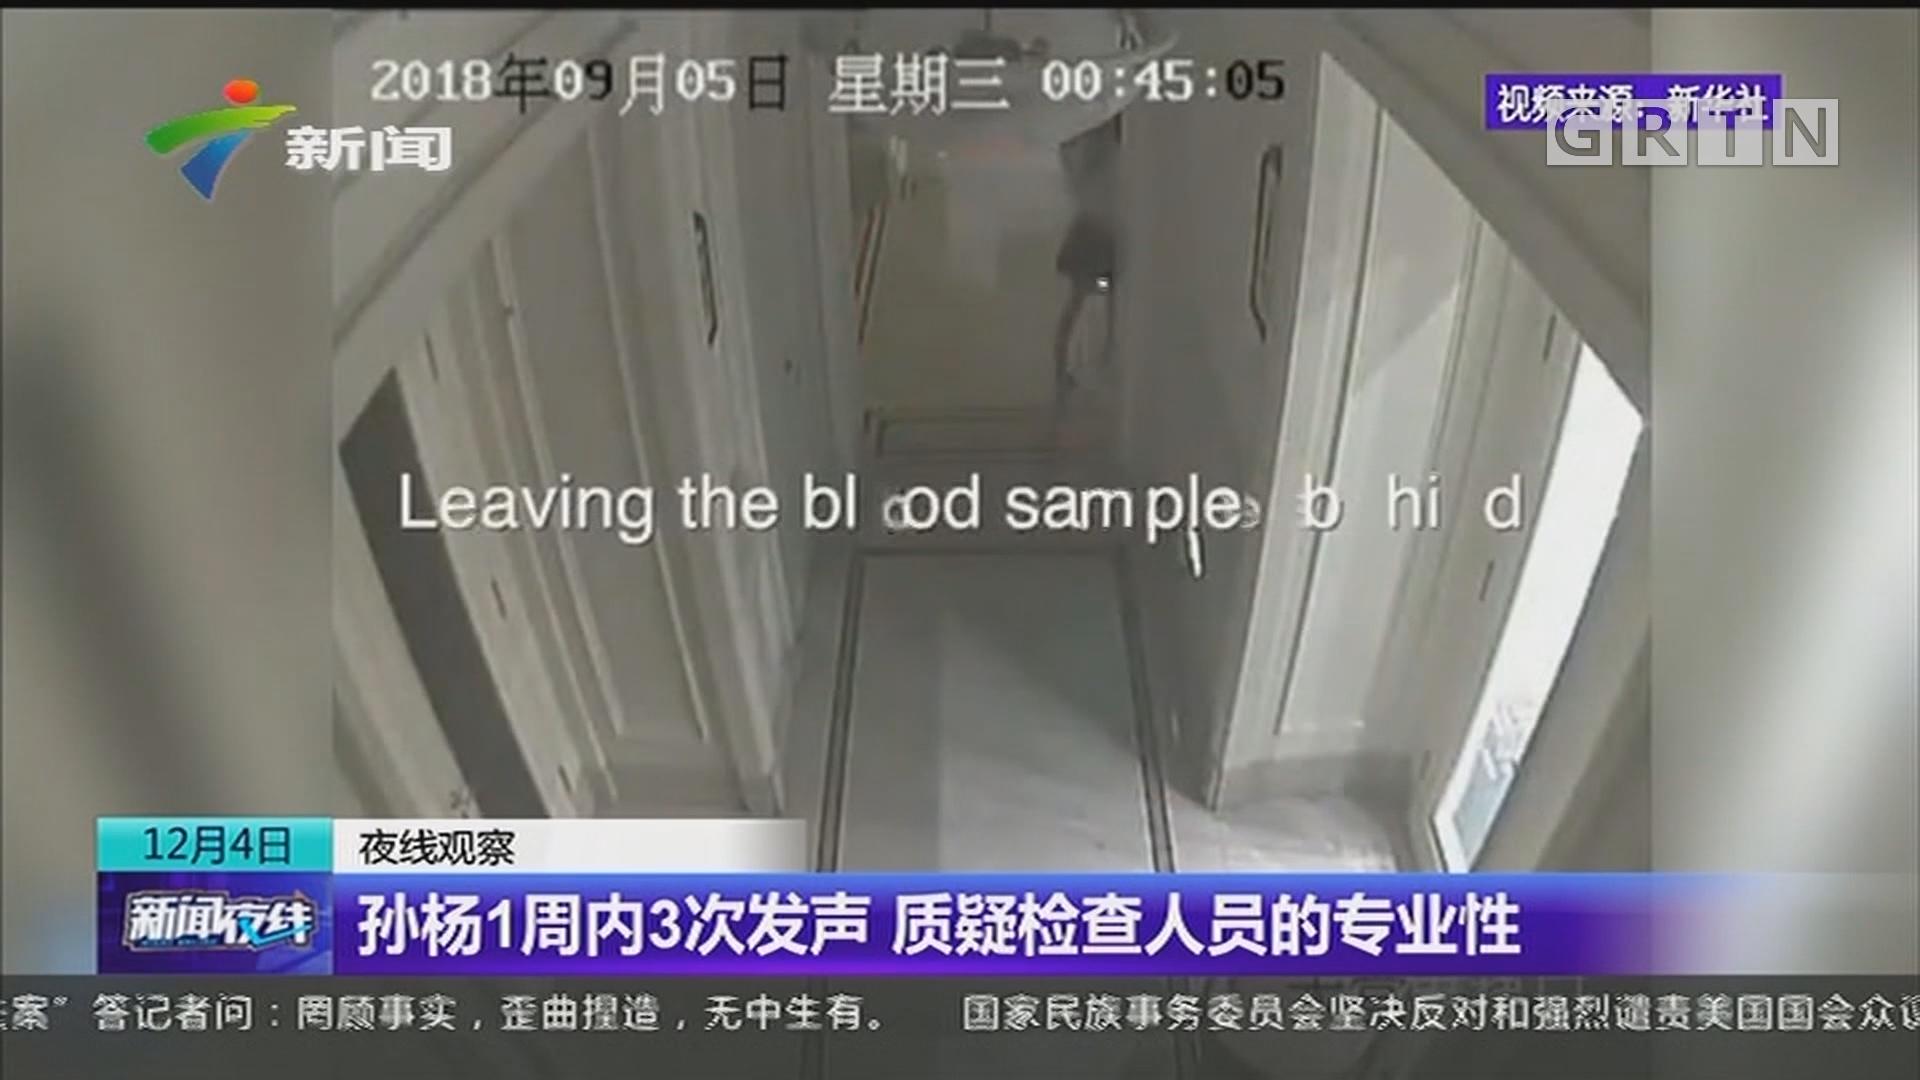 孙杨1周内3次发声 质疑检查人员的专业性